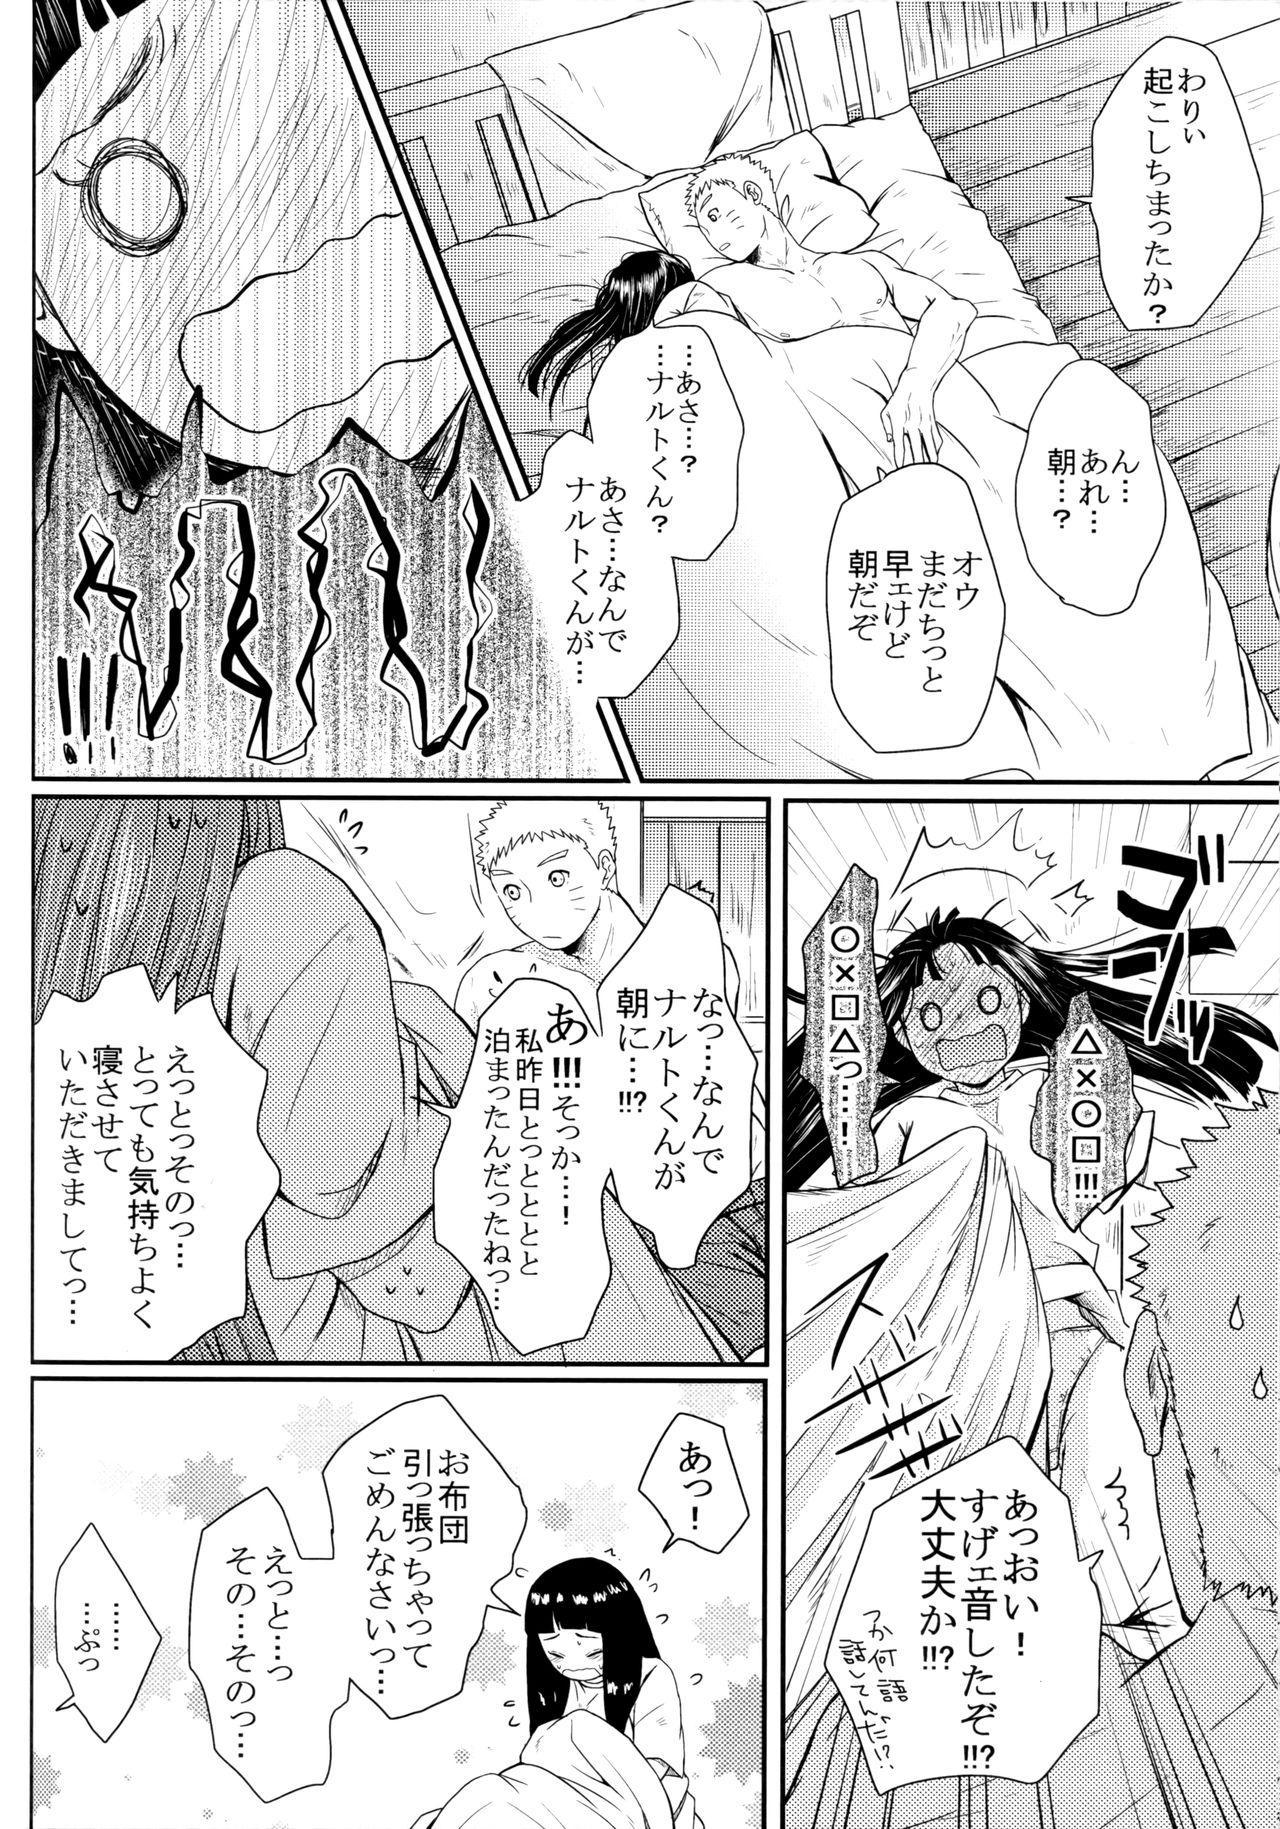 Fuyuiro Memories - Winter Color Memories 294